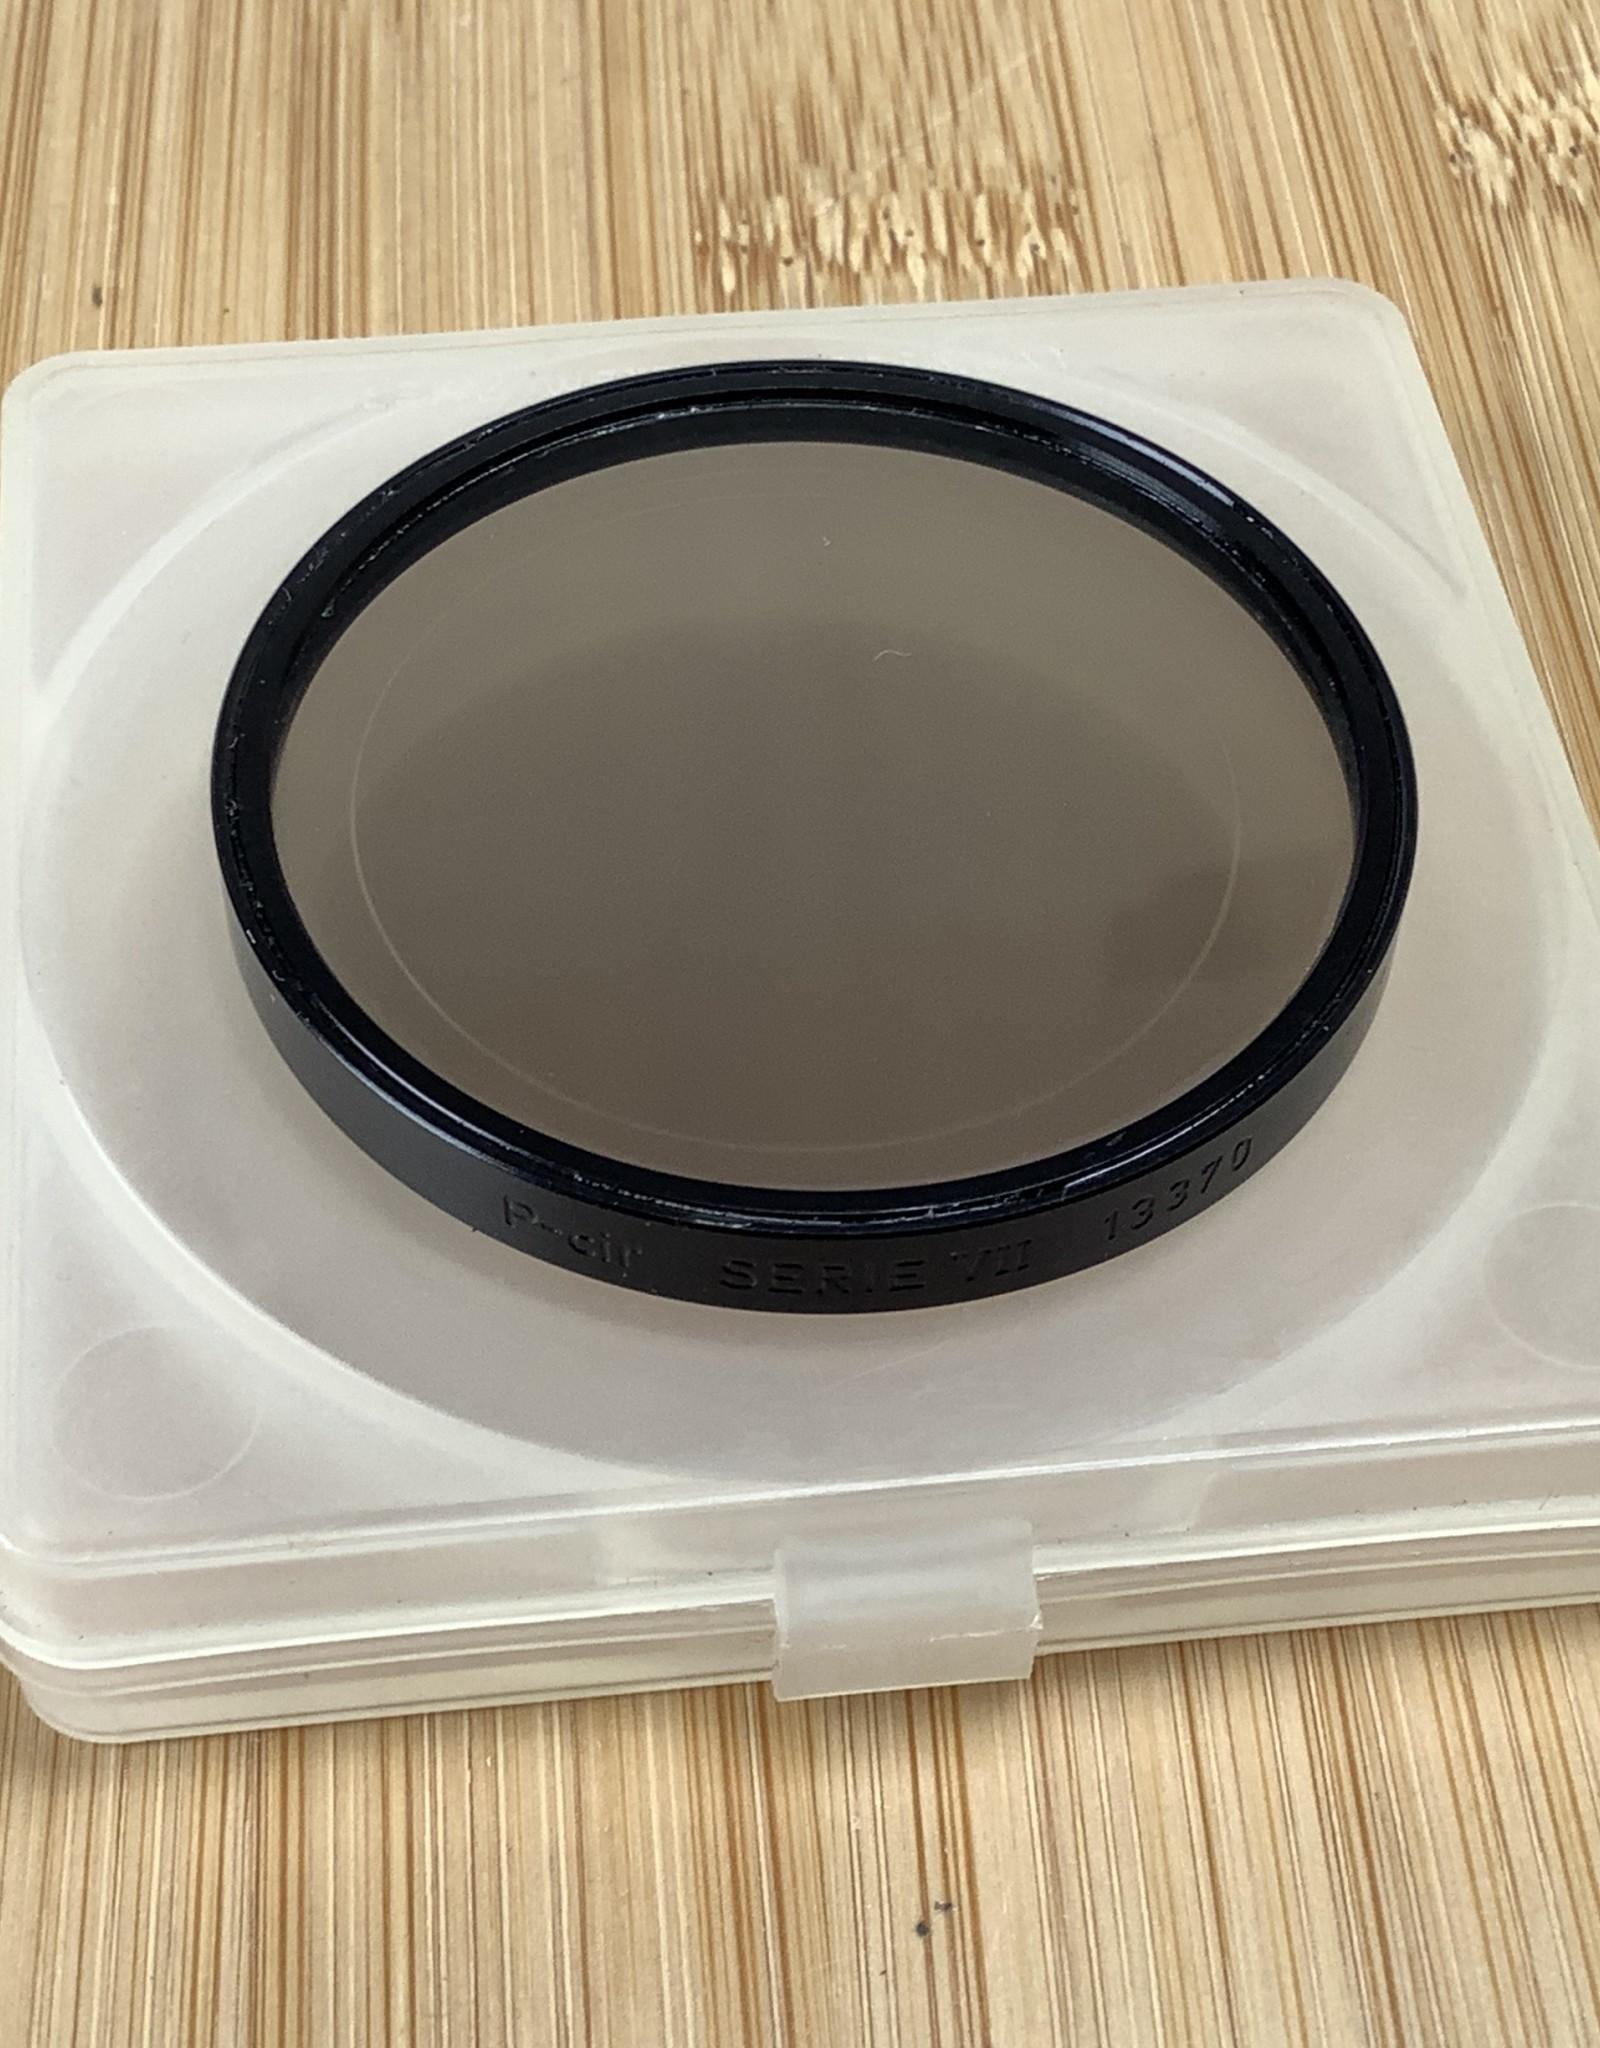 Leica Leica Series VII P-cir 13370 Filter in Case Used EX